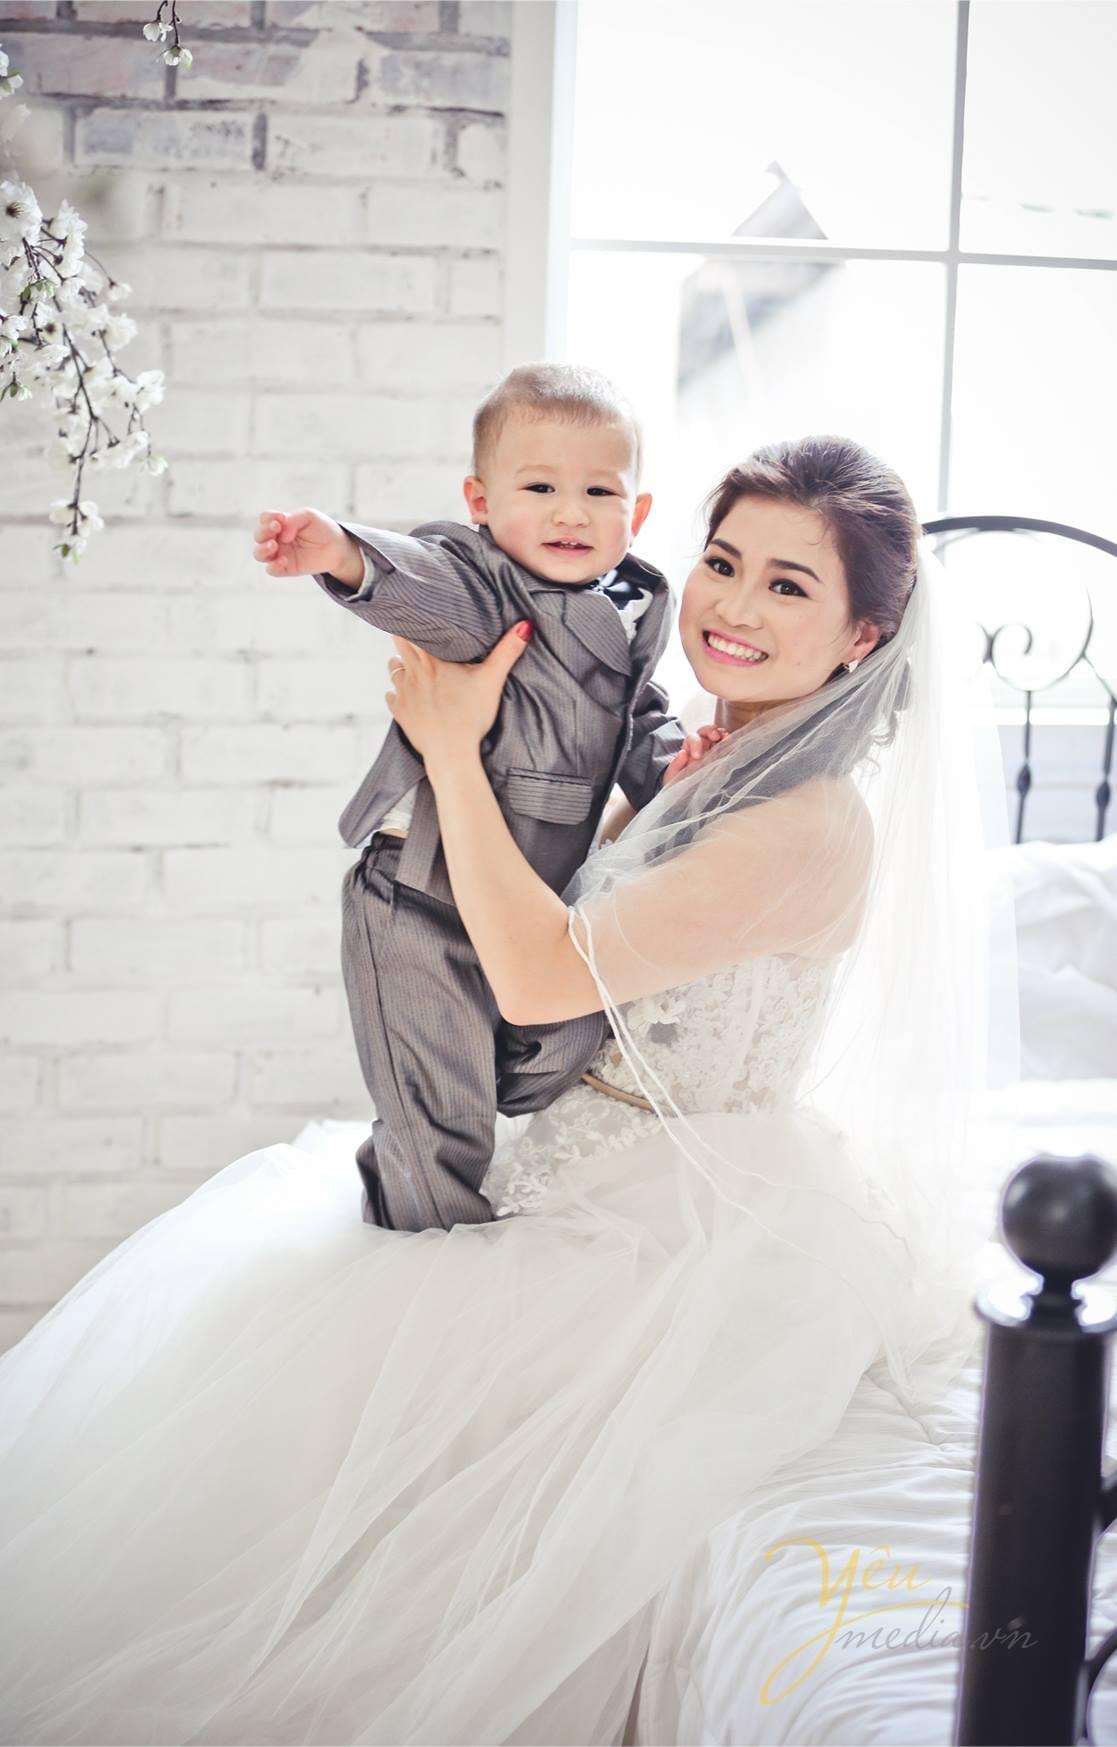 chụp ảnh gia đình tại studio, trang phục váy cưới